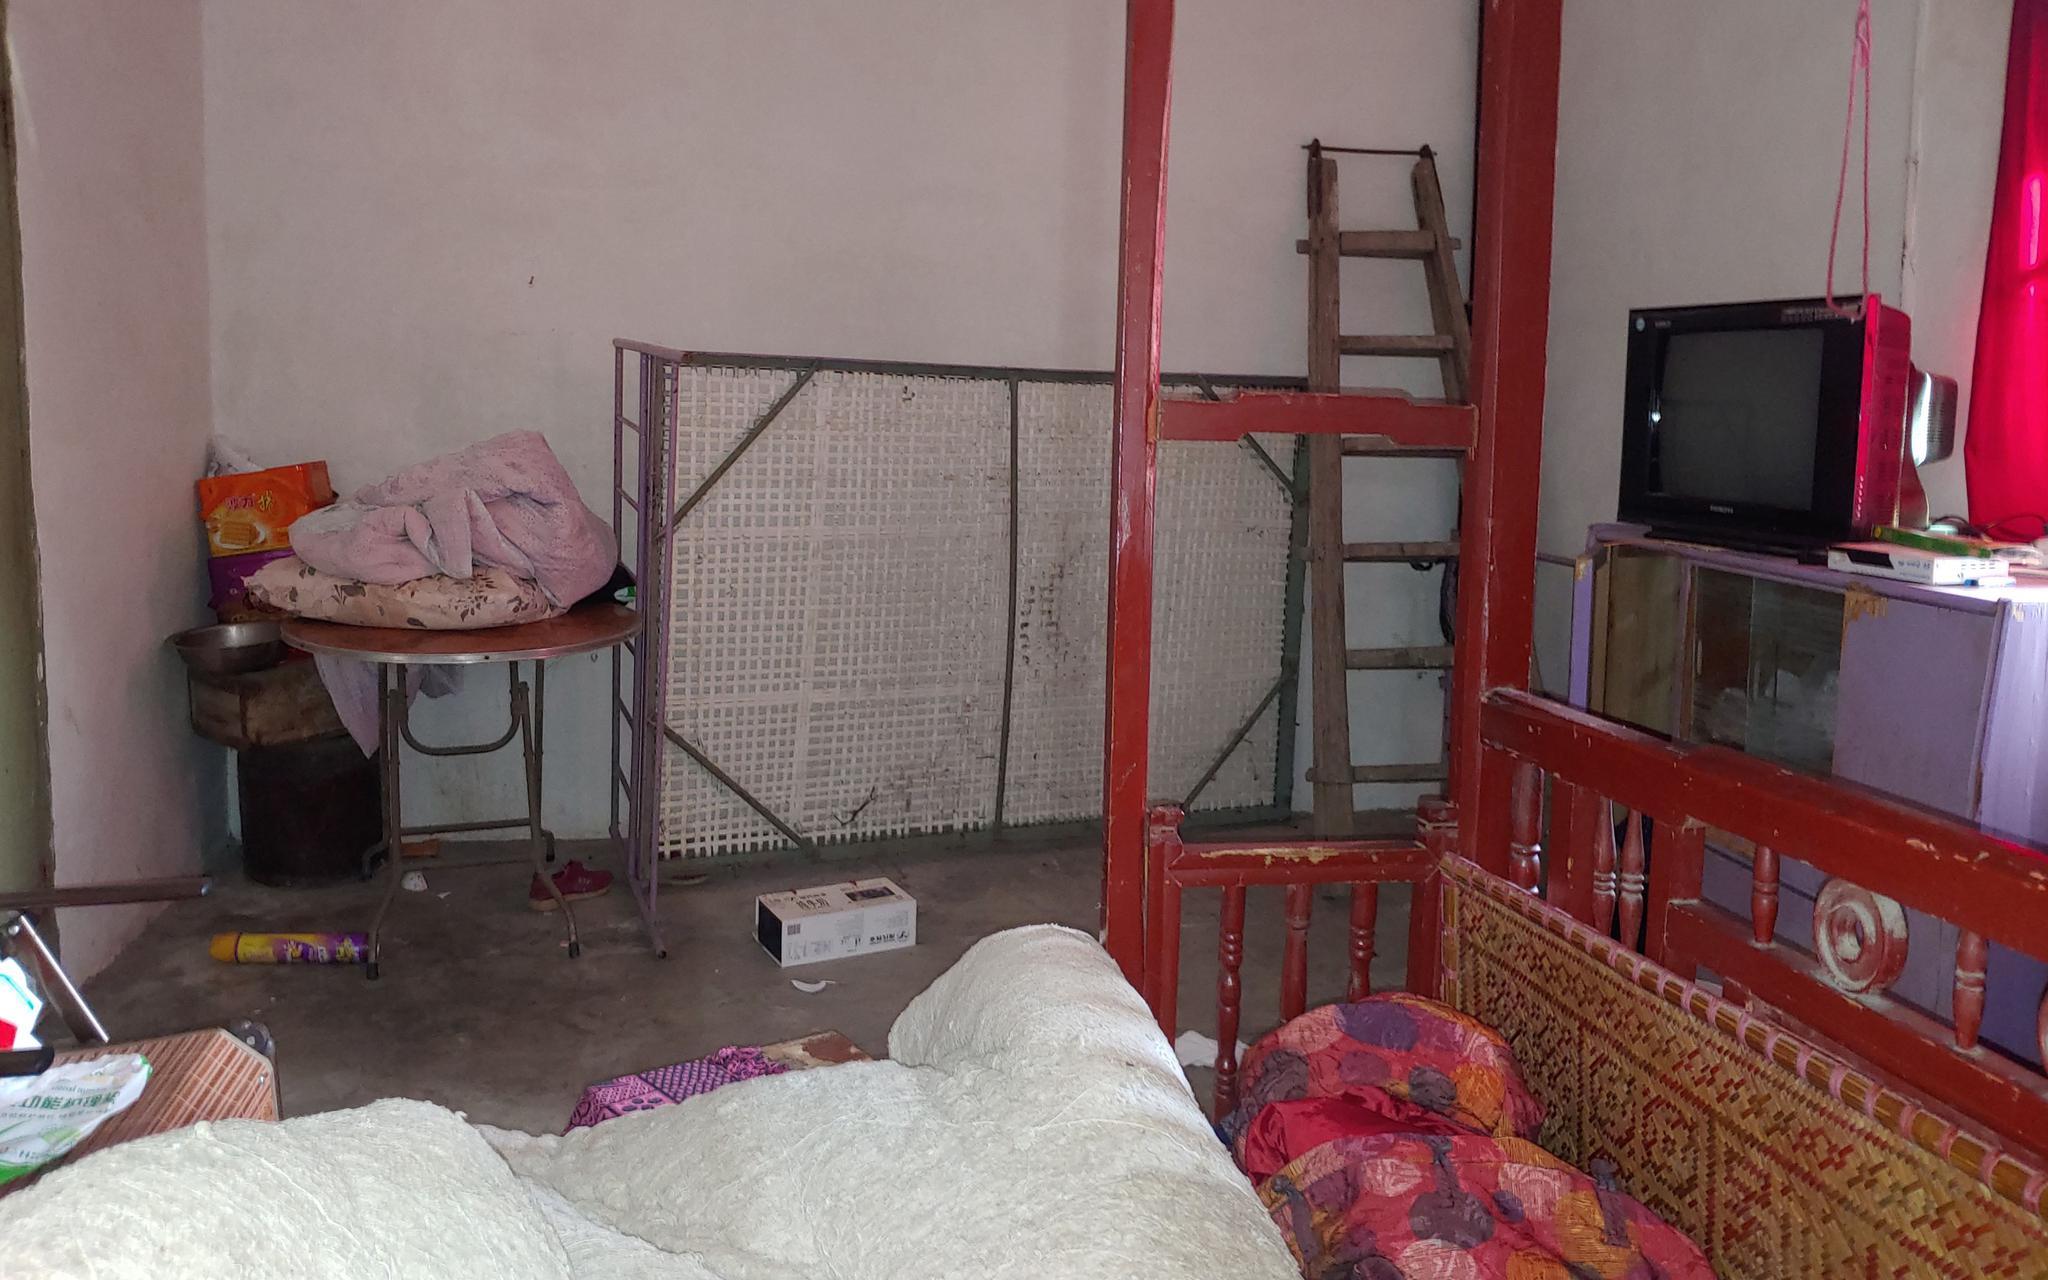 5月12日,老人生前居住的床榻。一旁保姆睡的铁架床已被竖起。新京报记者 海阳 摄